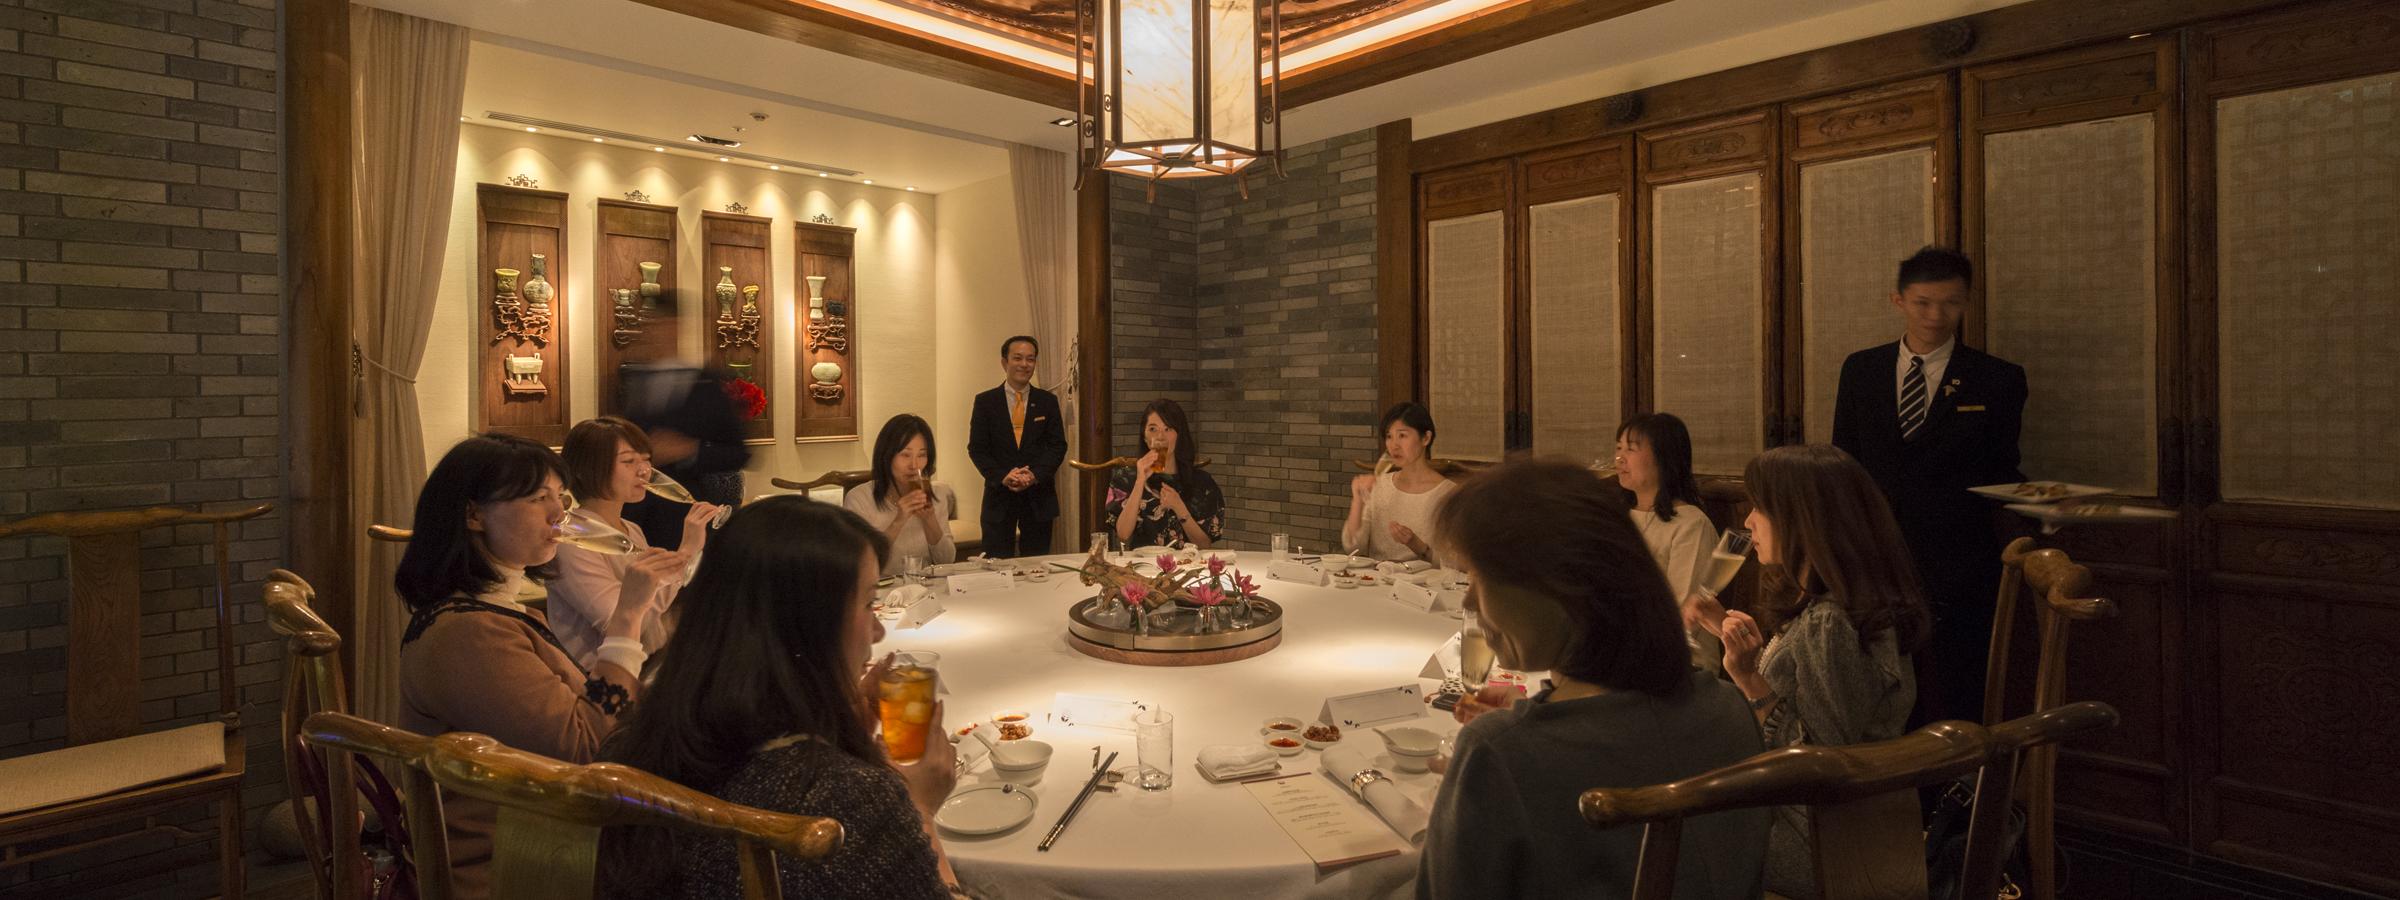 ヘイフンテラス ザ・ペニンシュラ東京の会食の様子